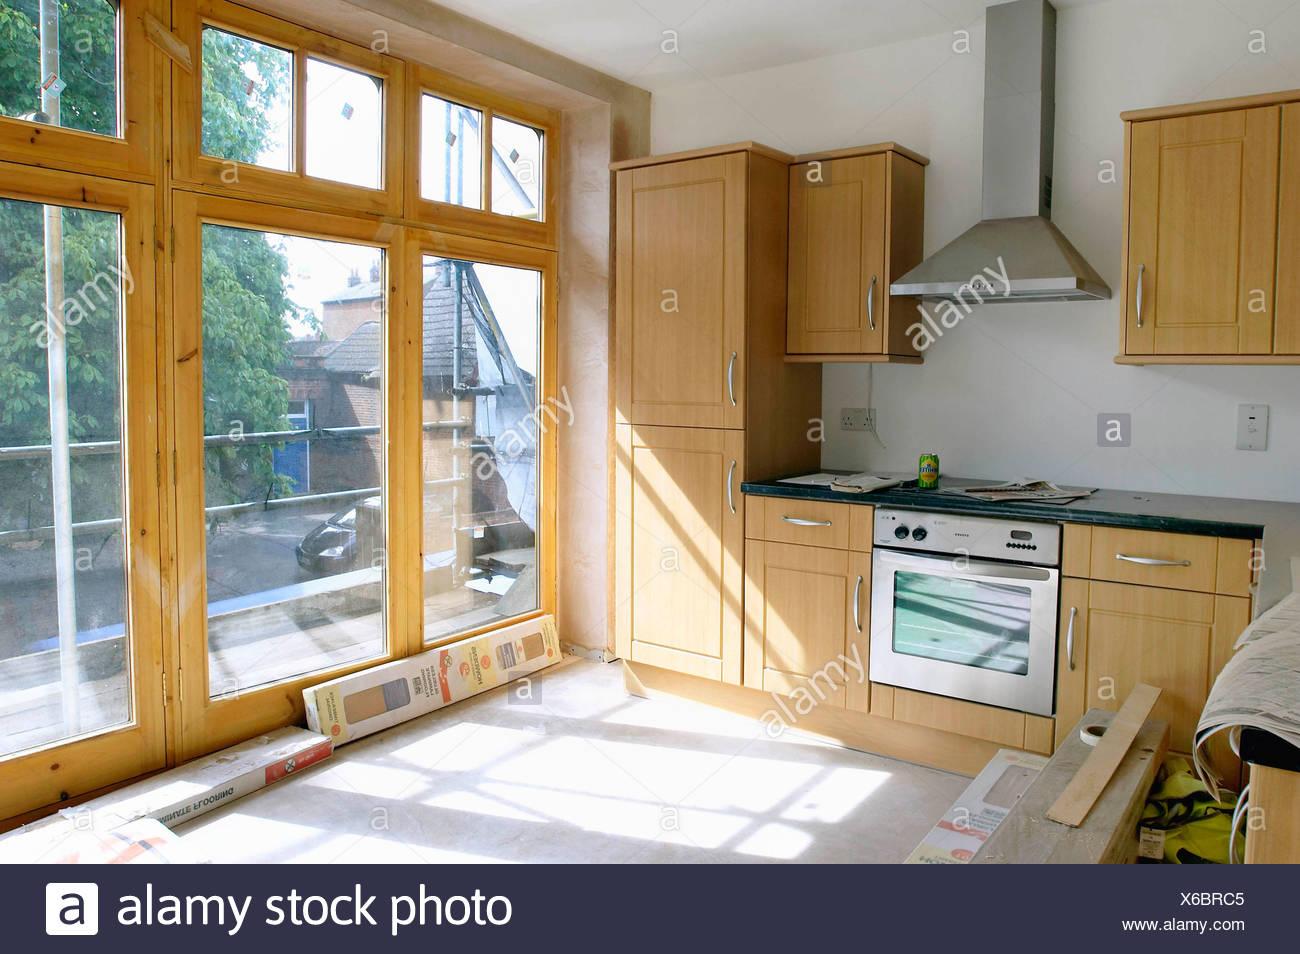 Nett Küchenschränke Nachbearbeiten Ideen Fotos - Ideen Für Die Küche ...